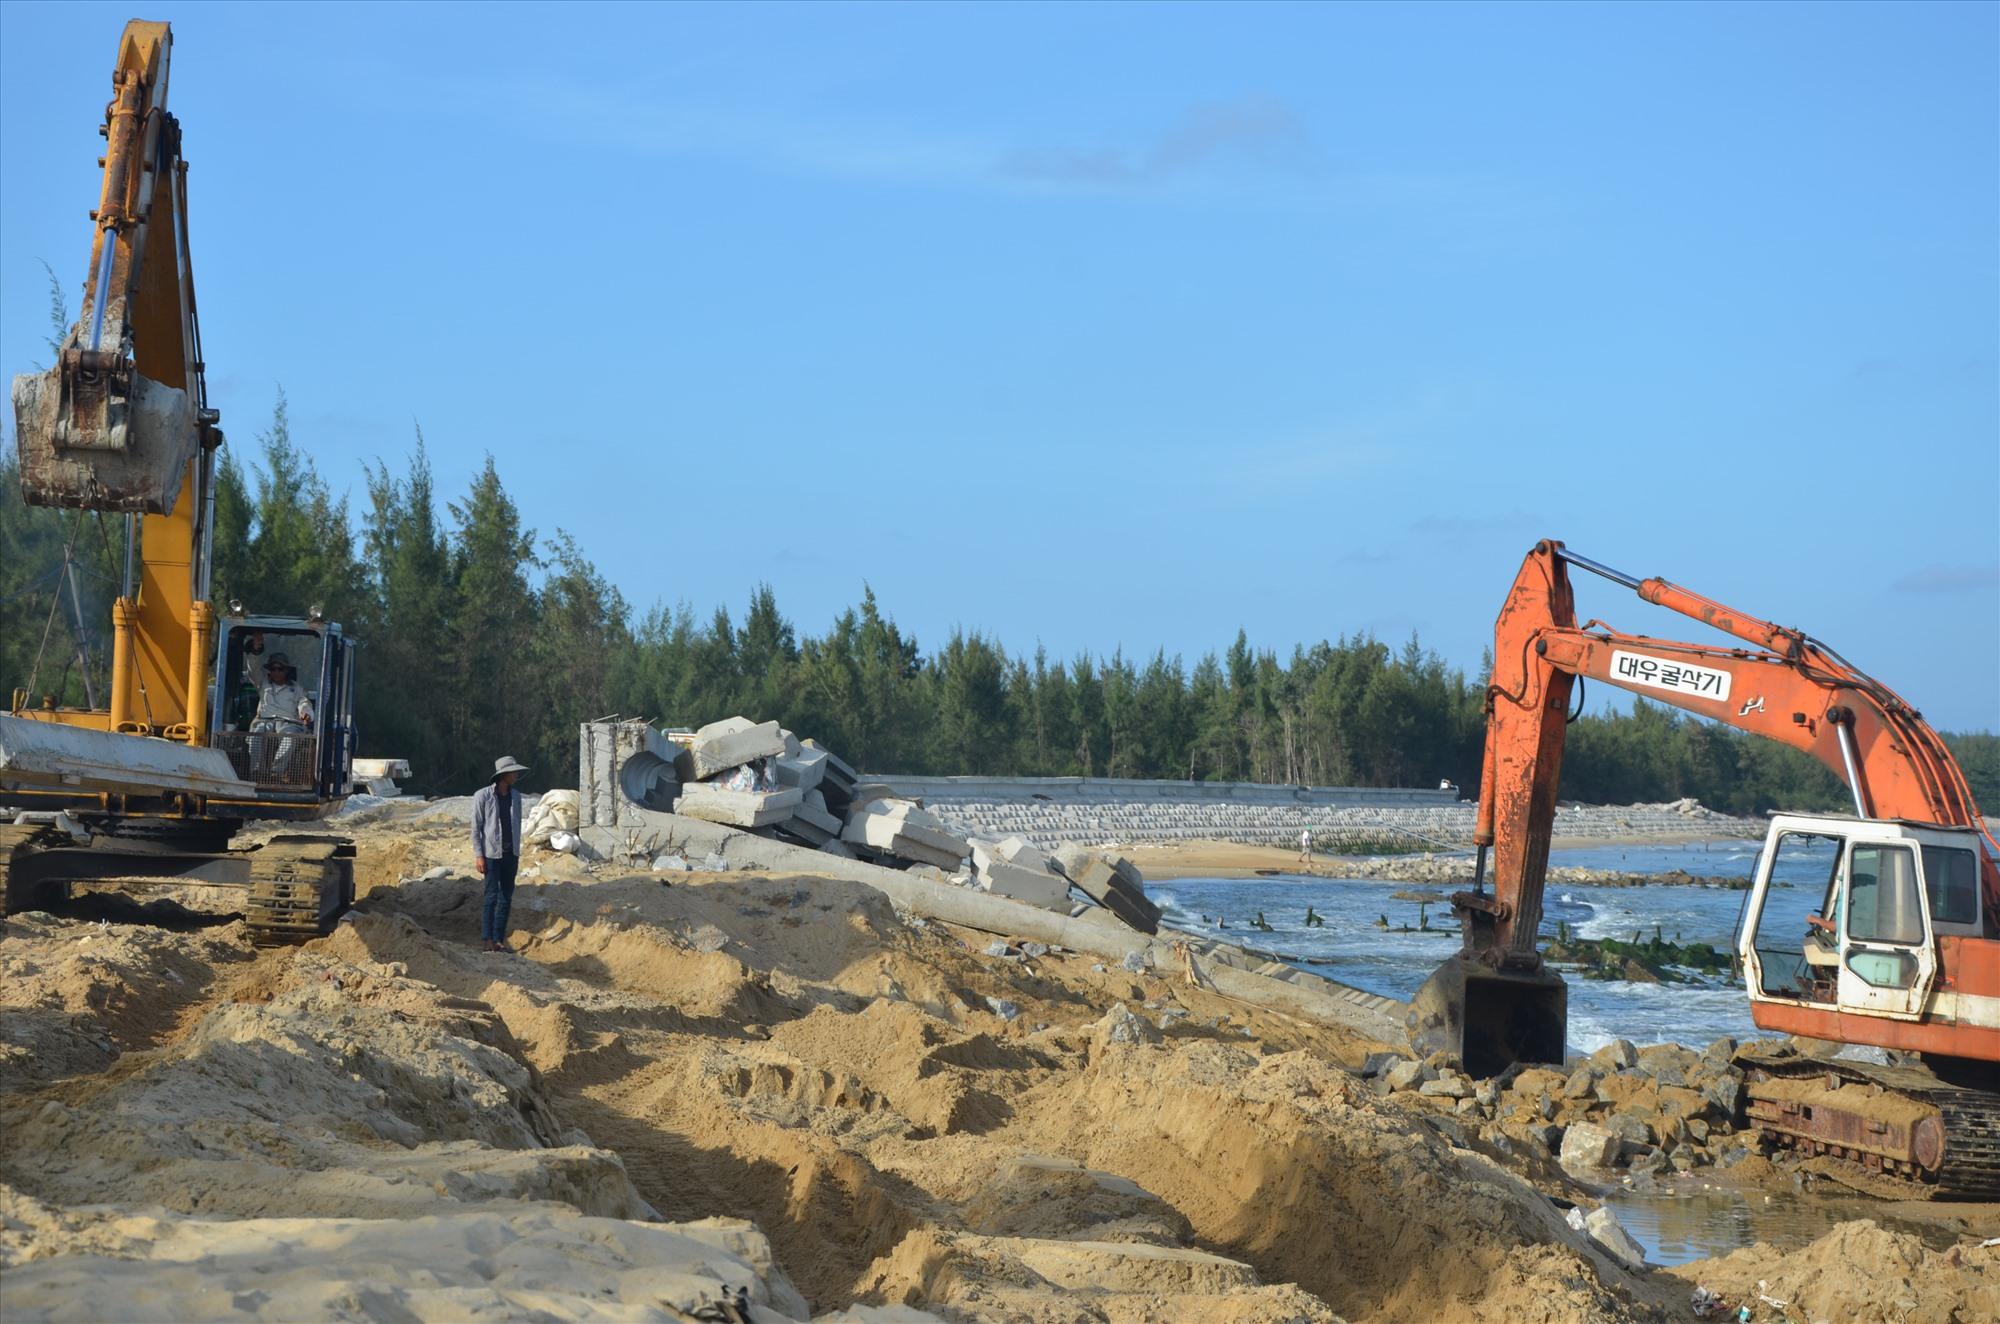 Công trình kè bờ biển Tam Hải (Núi Thành) nằm trong hạng mục ứng phó với biến đổi khí hậu.